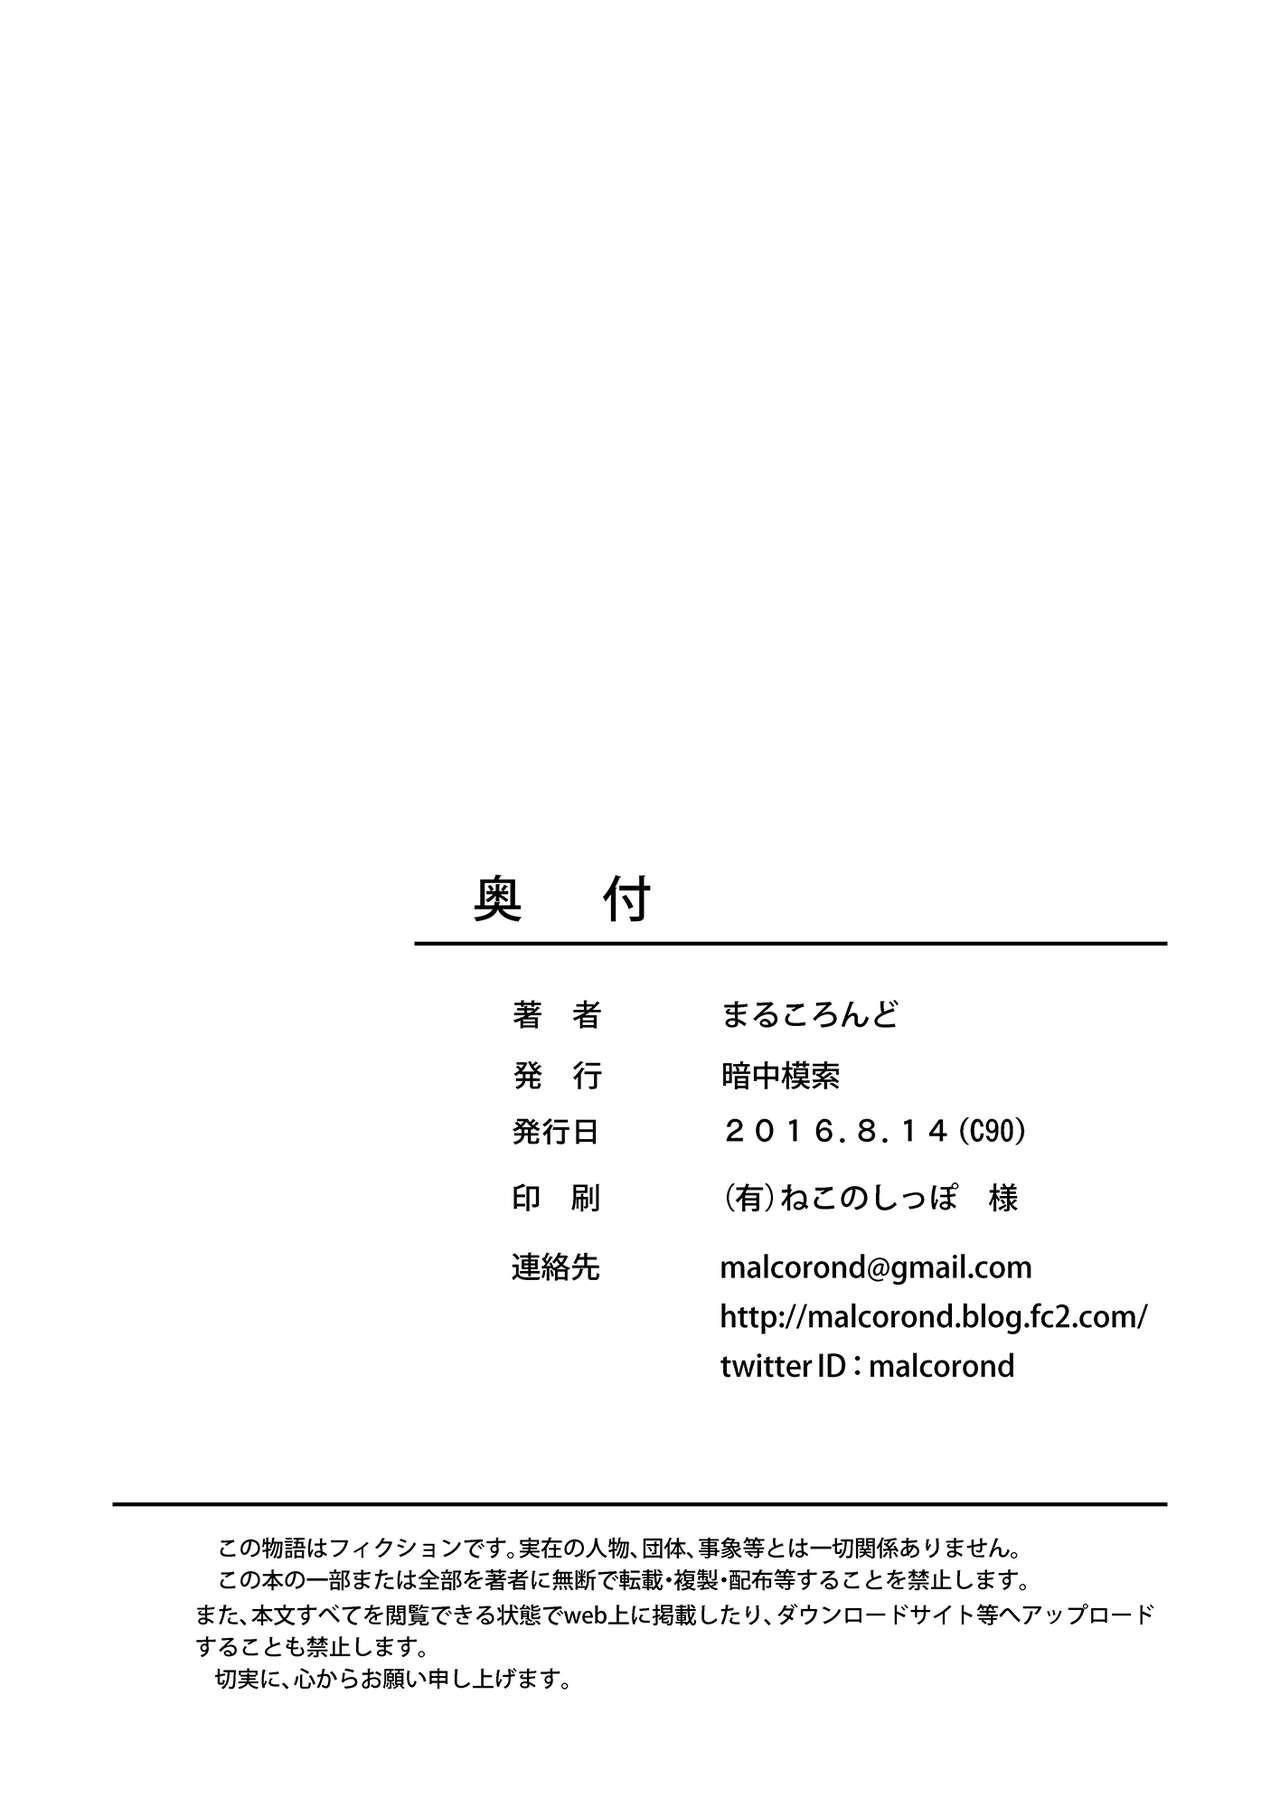 Toaru Natsu no Shoujo no Ehon 28